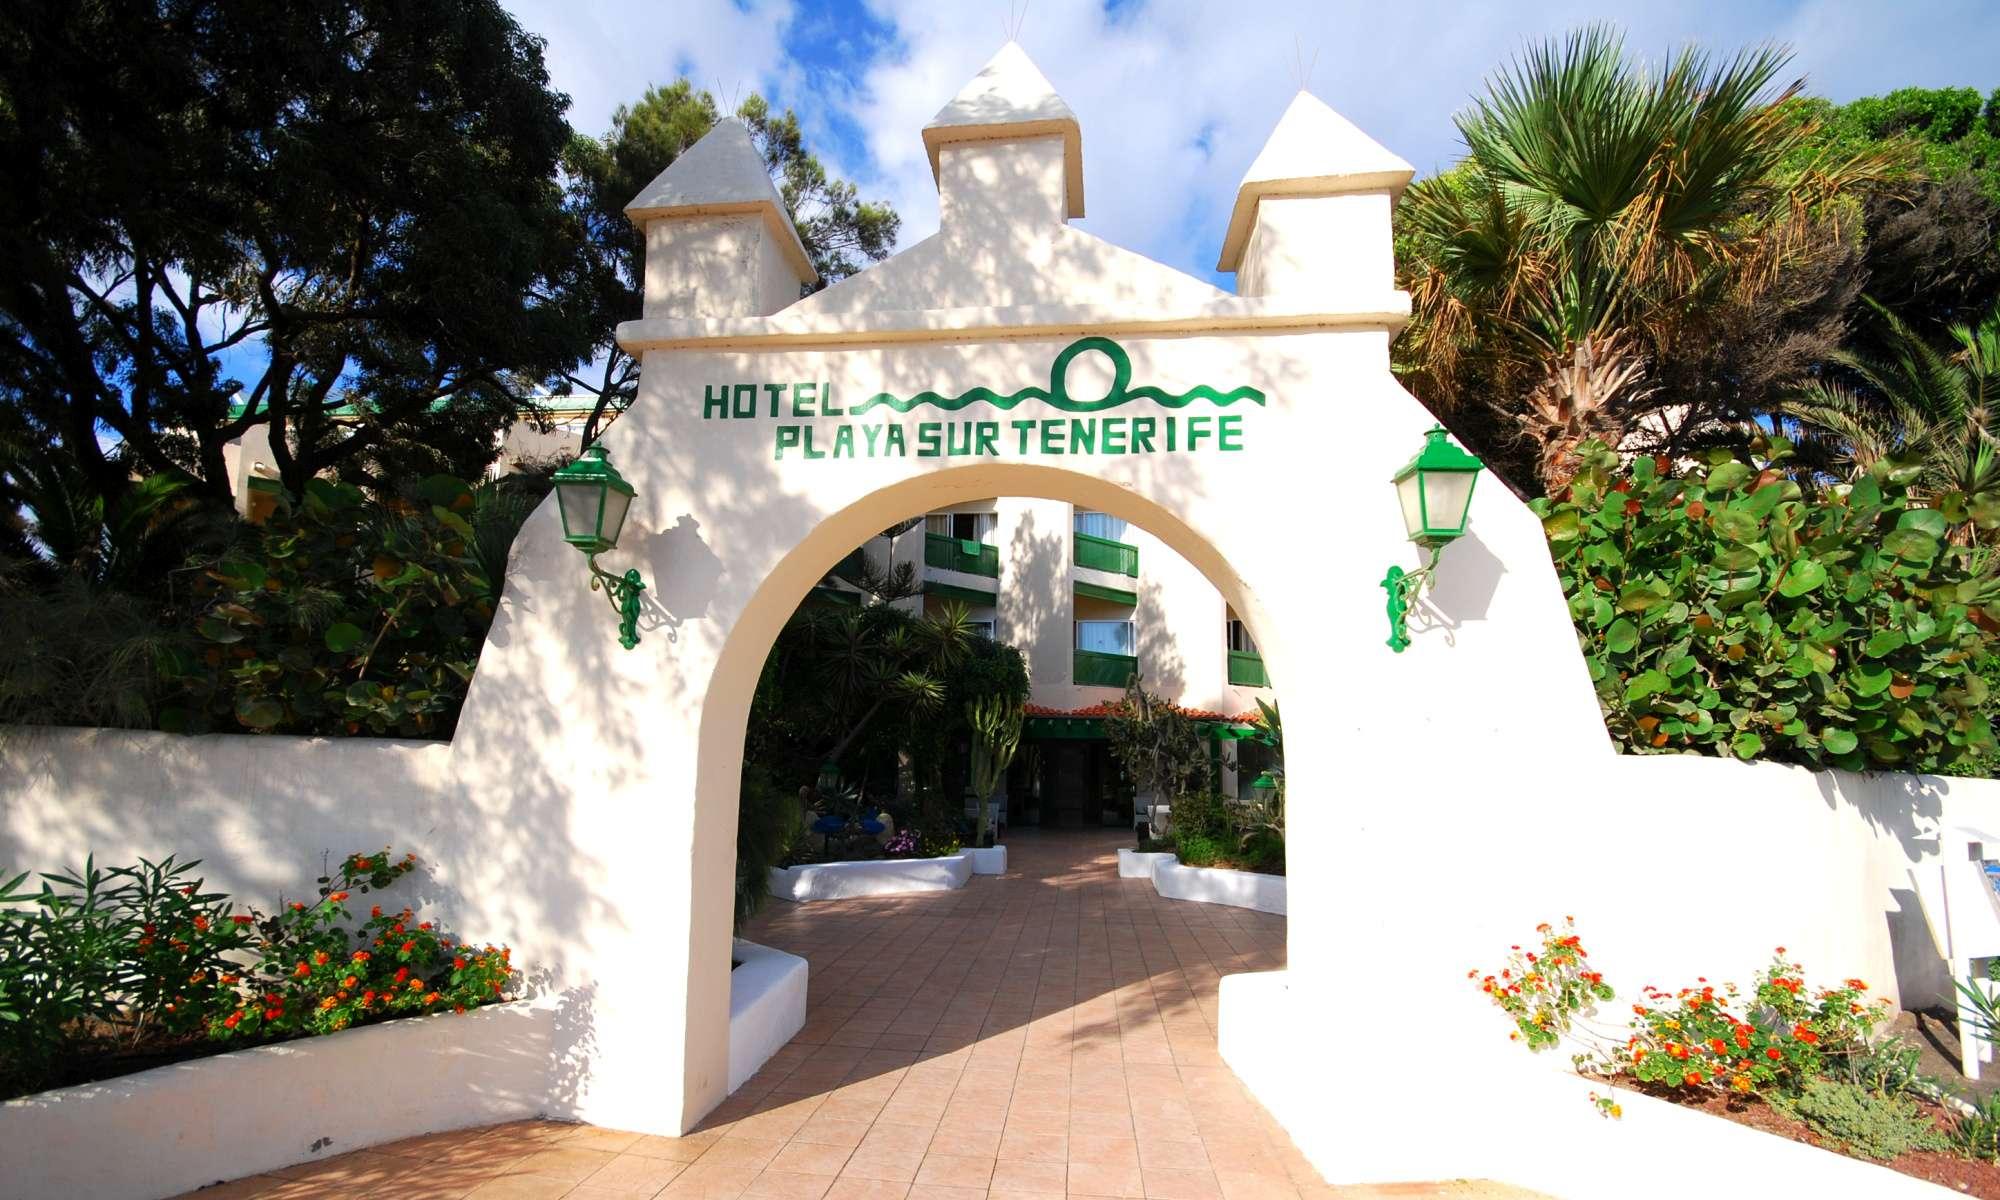 Puerta Principal Hotel